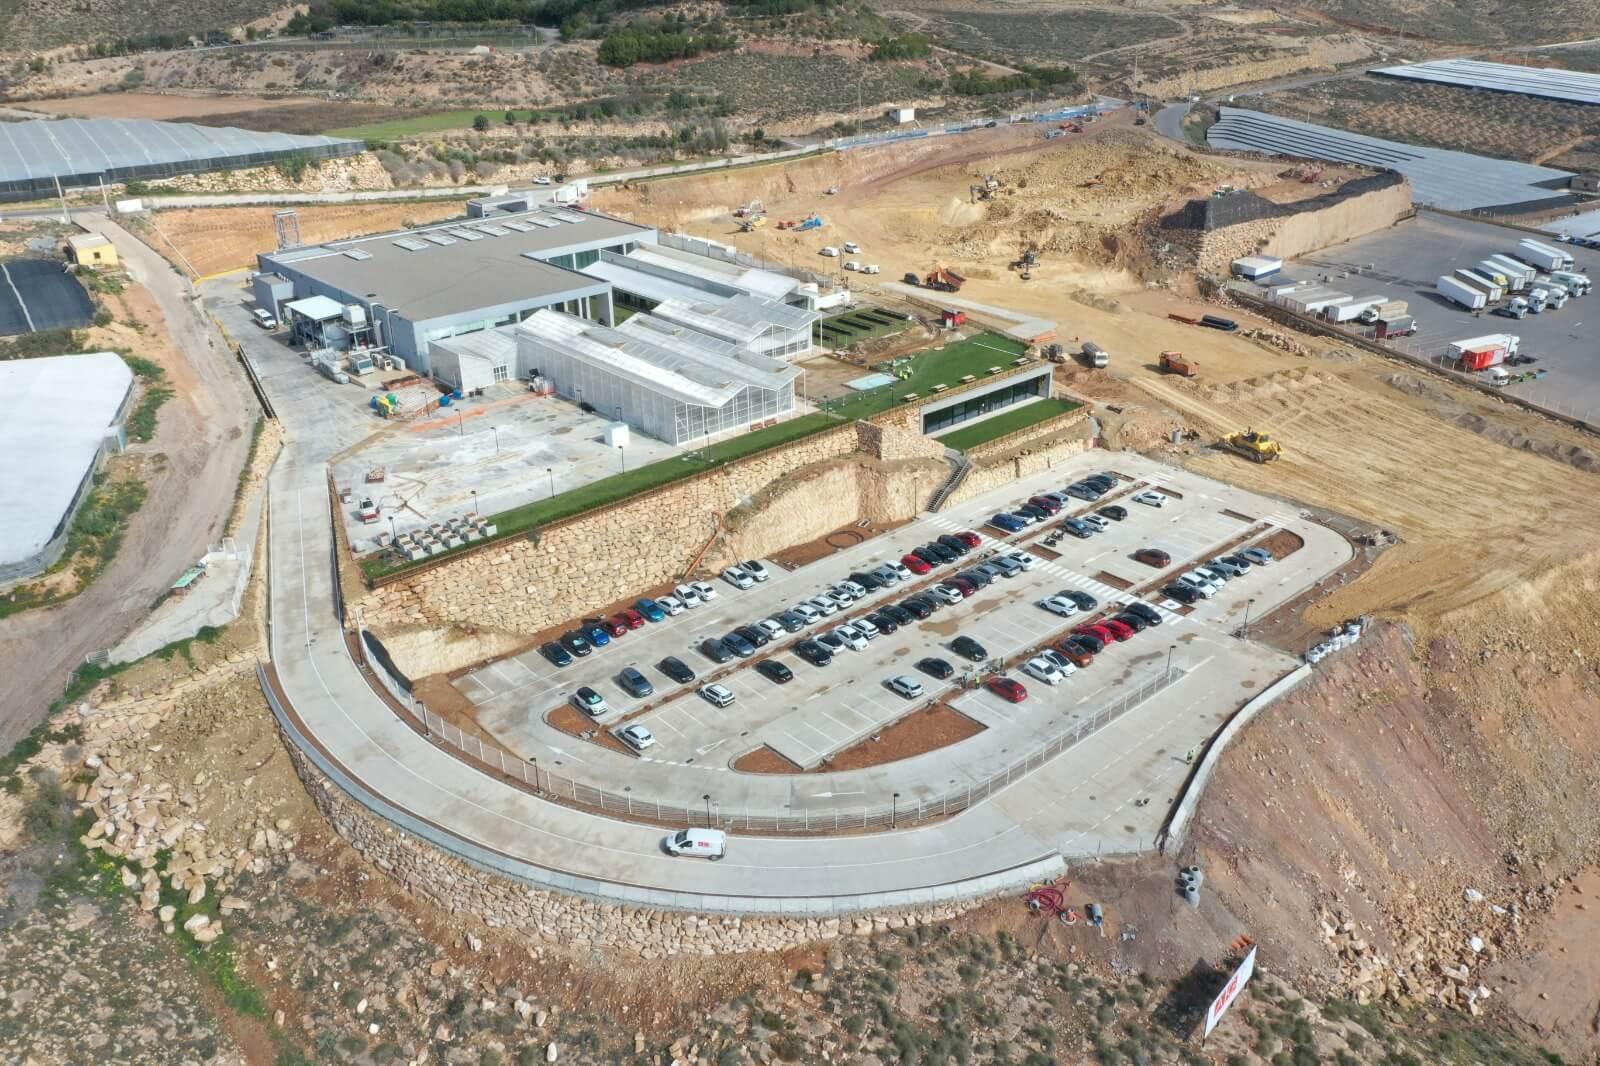 Kimitec Innovation Center